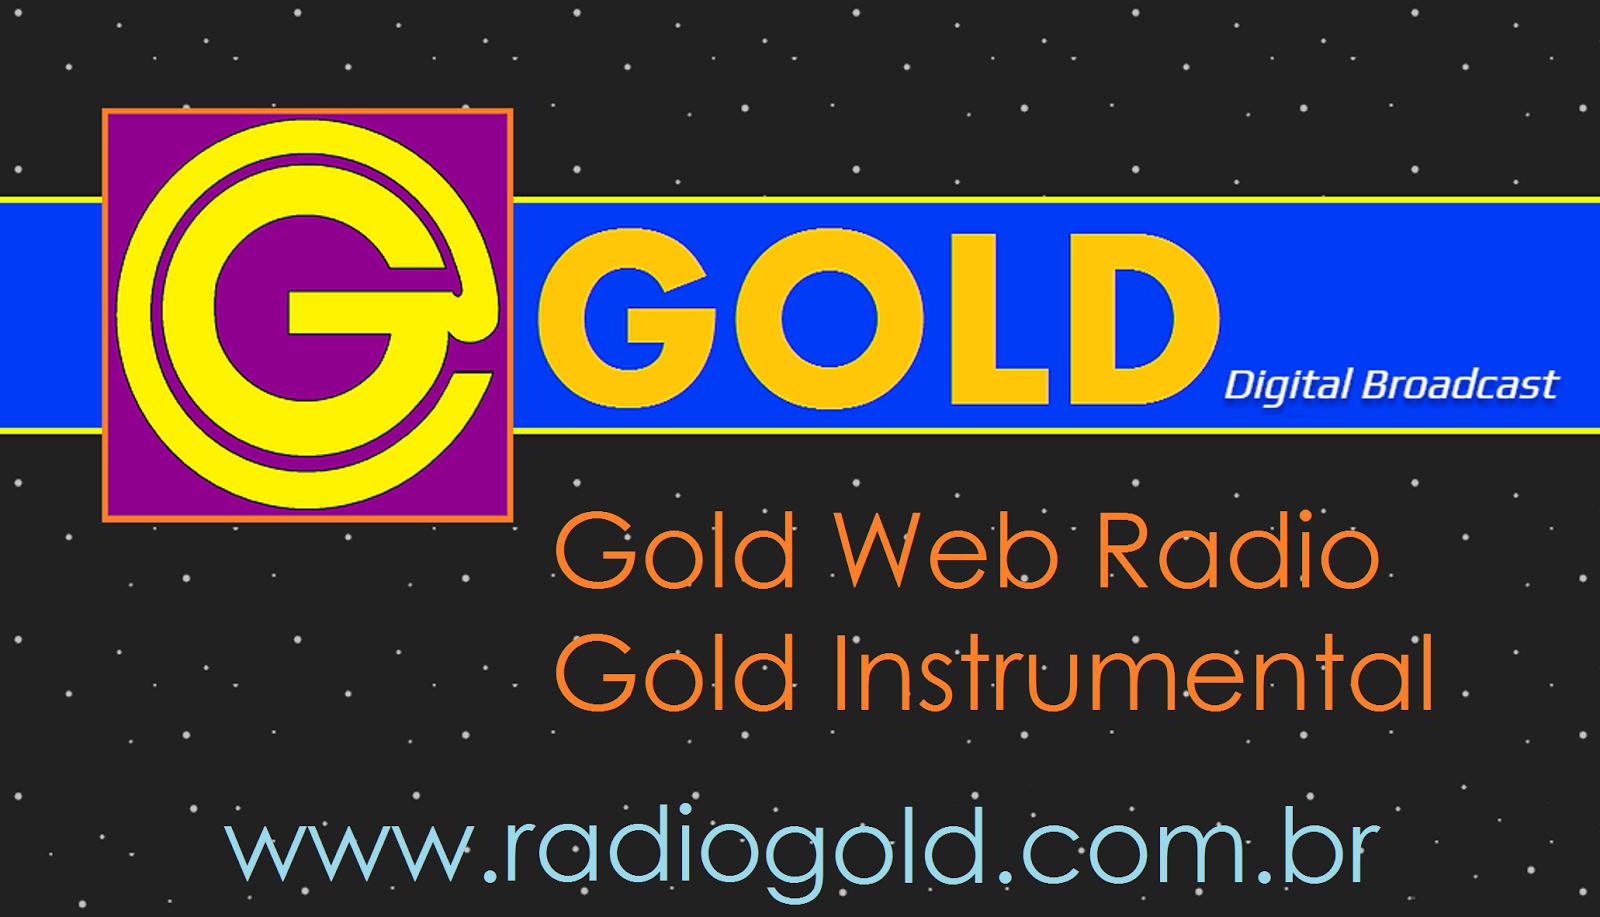 Clicando na imagem, você ouve a Gold Web Rádio ( Músicas anos 70, 80 e 90 ) e a Gold Instrumental.